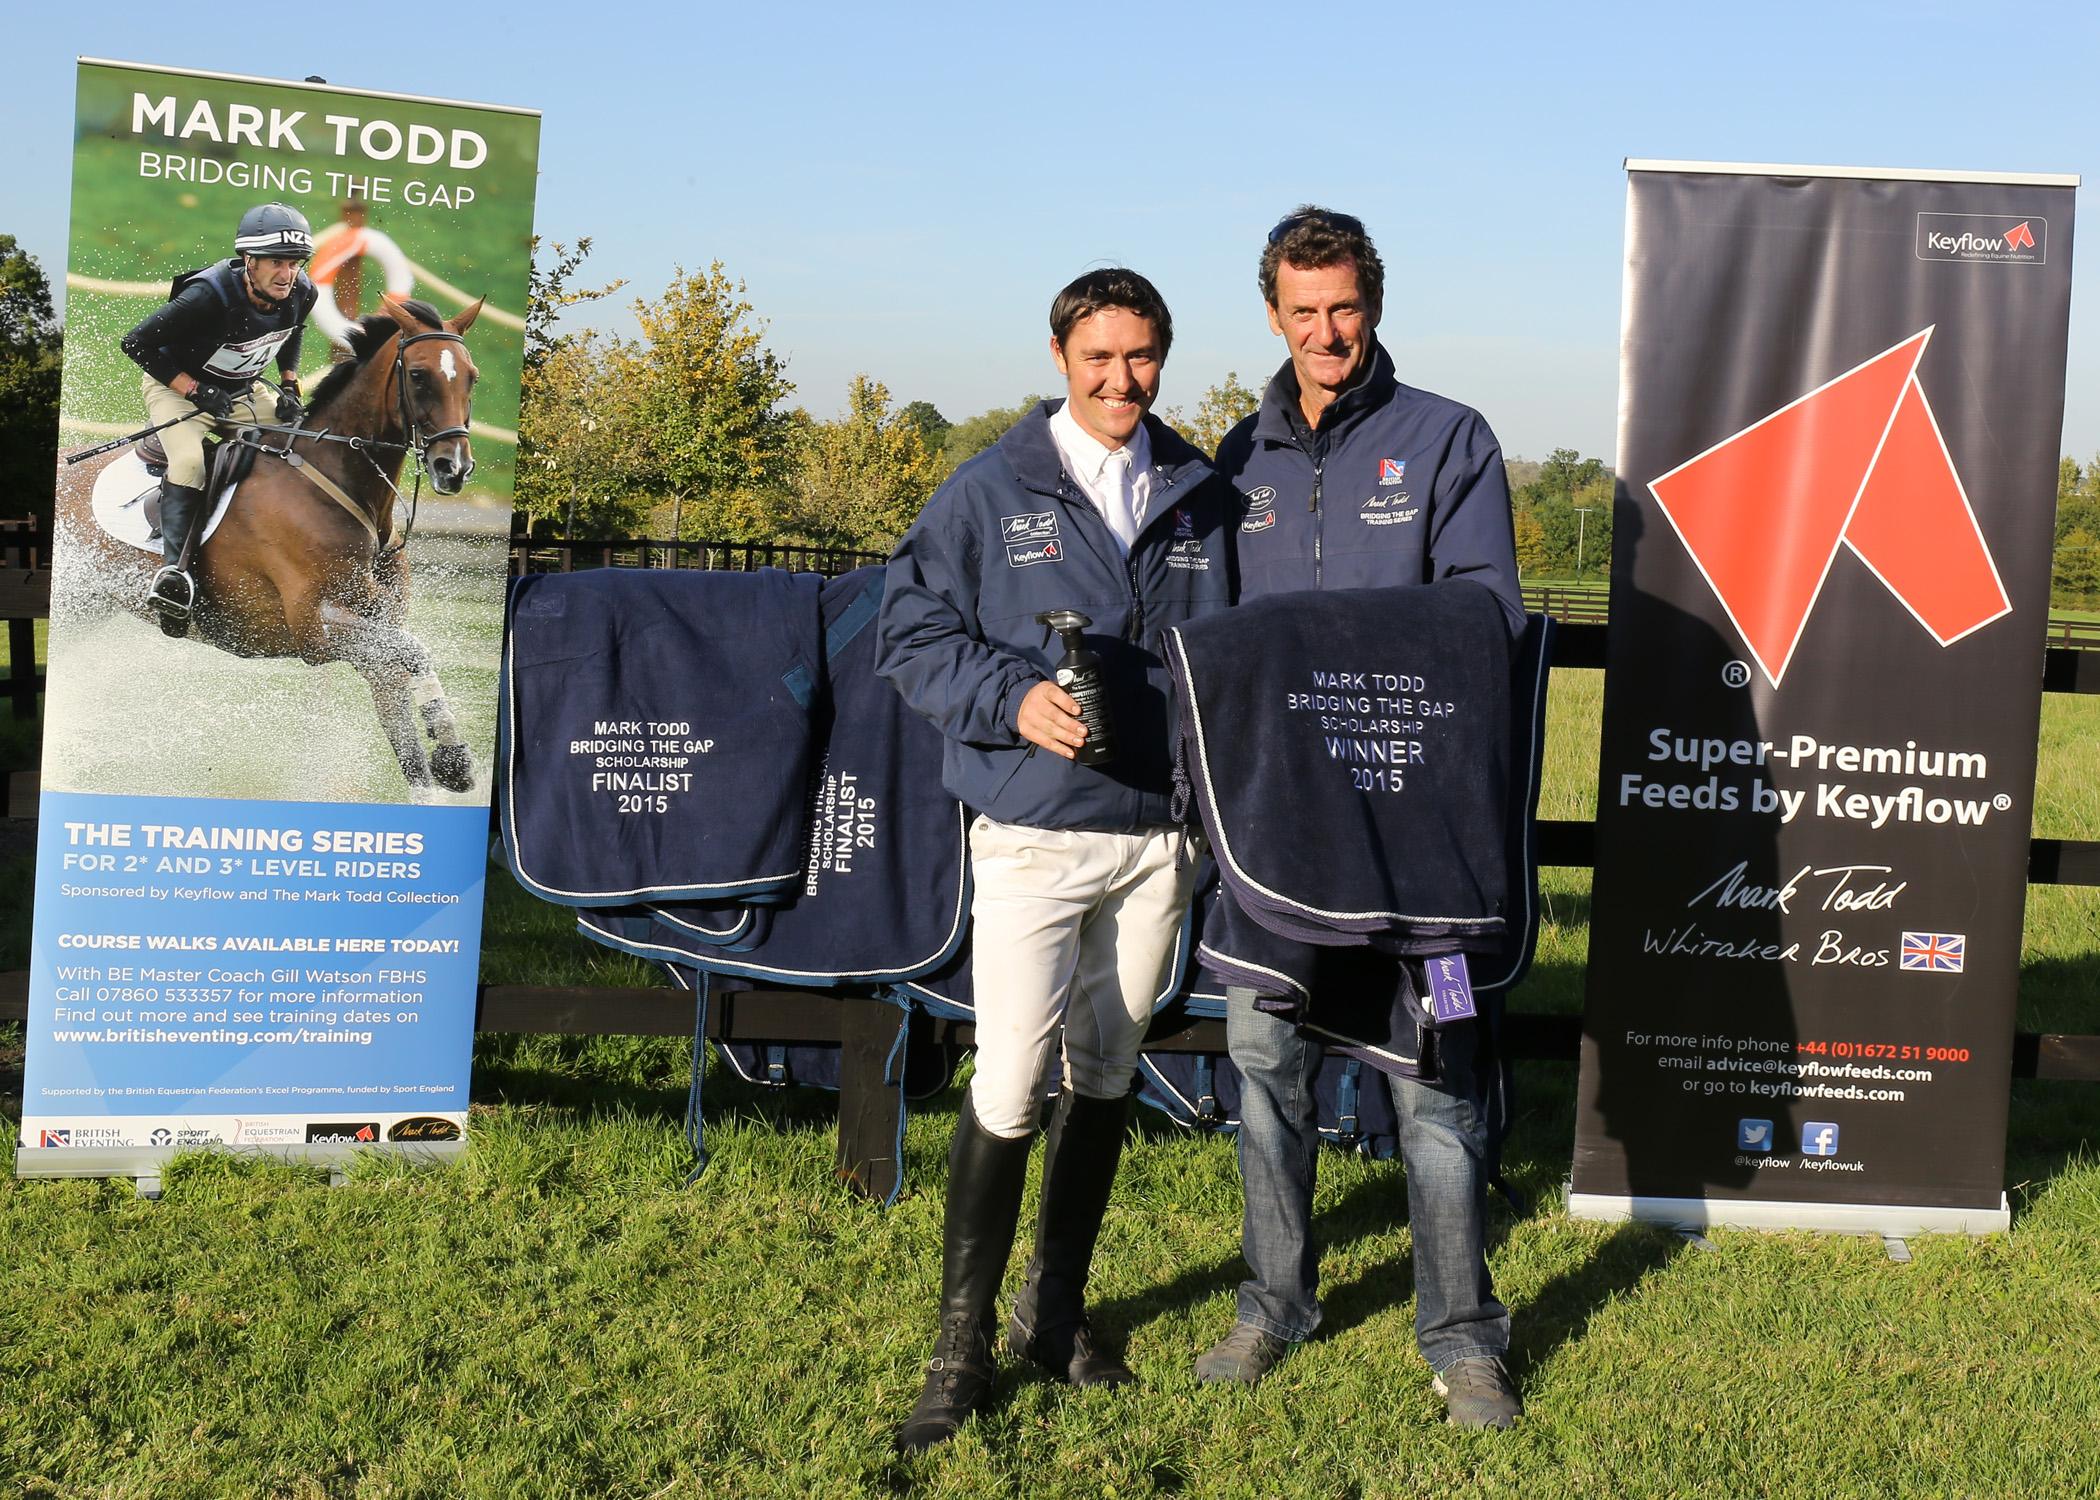 Last years winner Tim Cheffings (Credit: Fiona Scott-Maxwell)